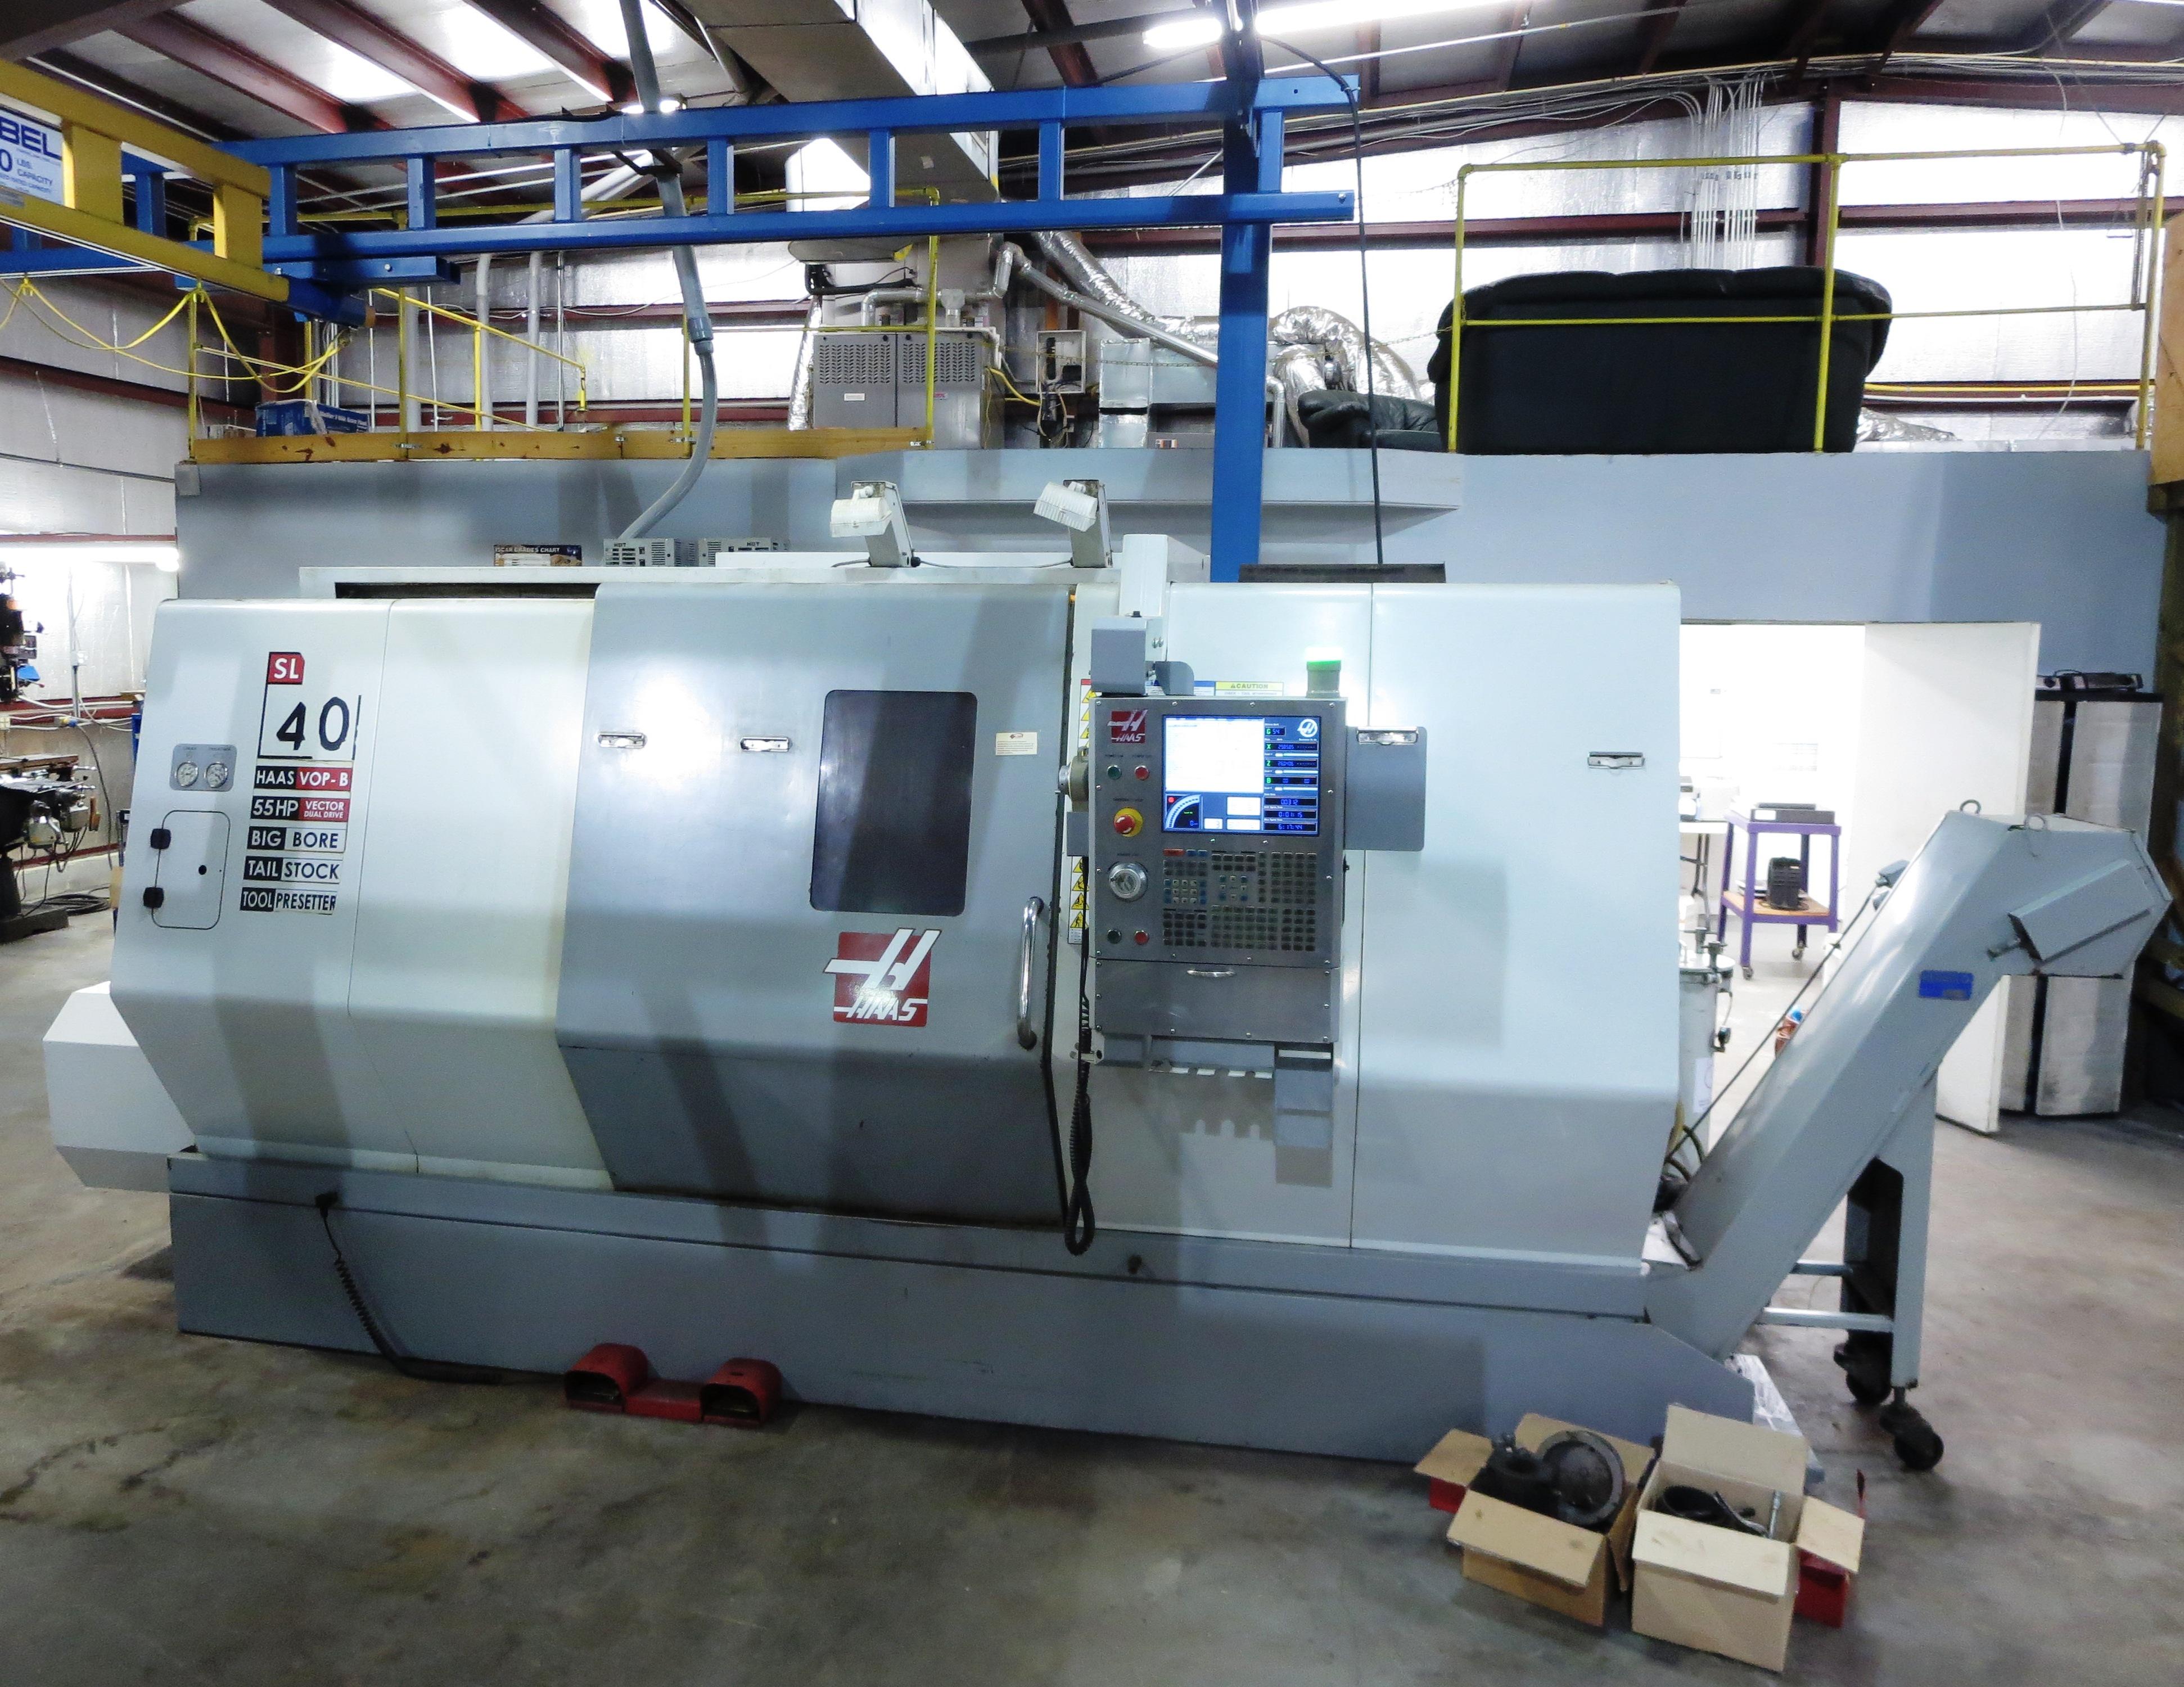 Large Capacity Precision CNC & Machine Shop – MRI Auctions